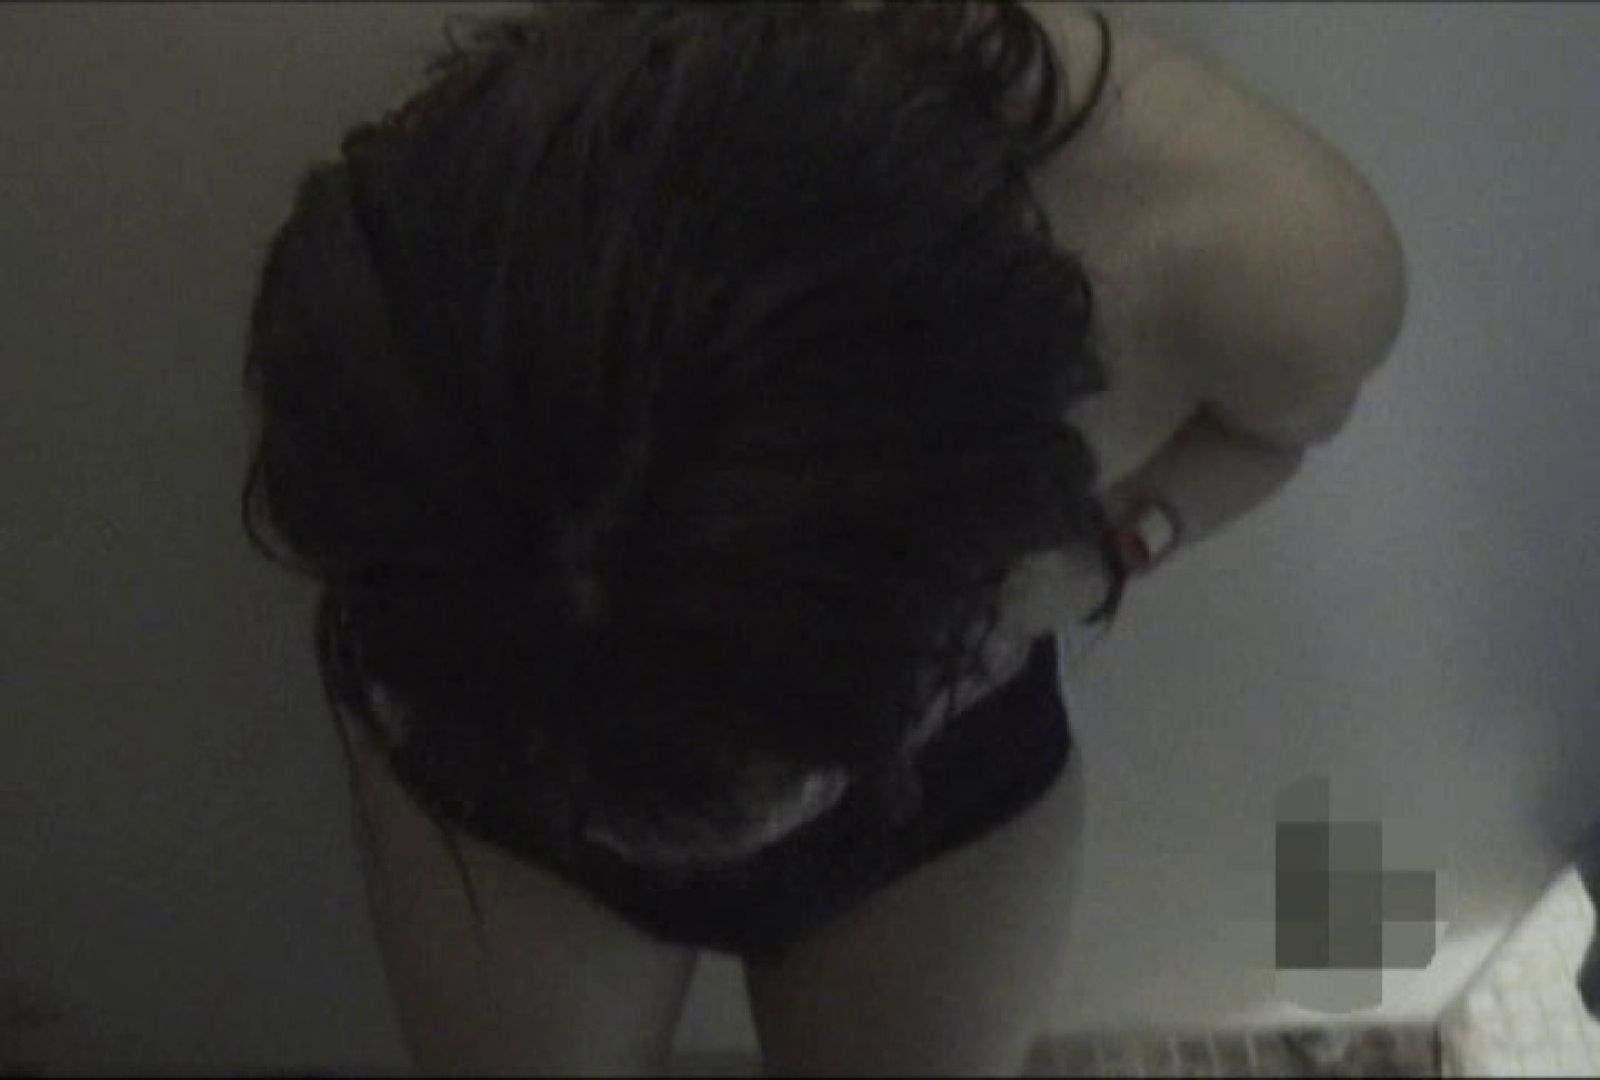 体育会系オナニー部Vol.6 性欲 盗み撮り動画キャプチャ 56画像 43